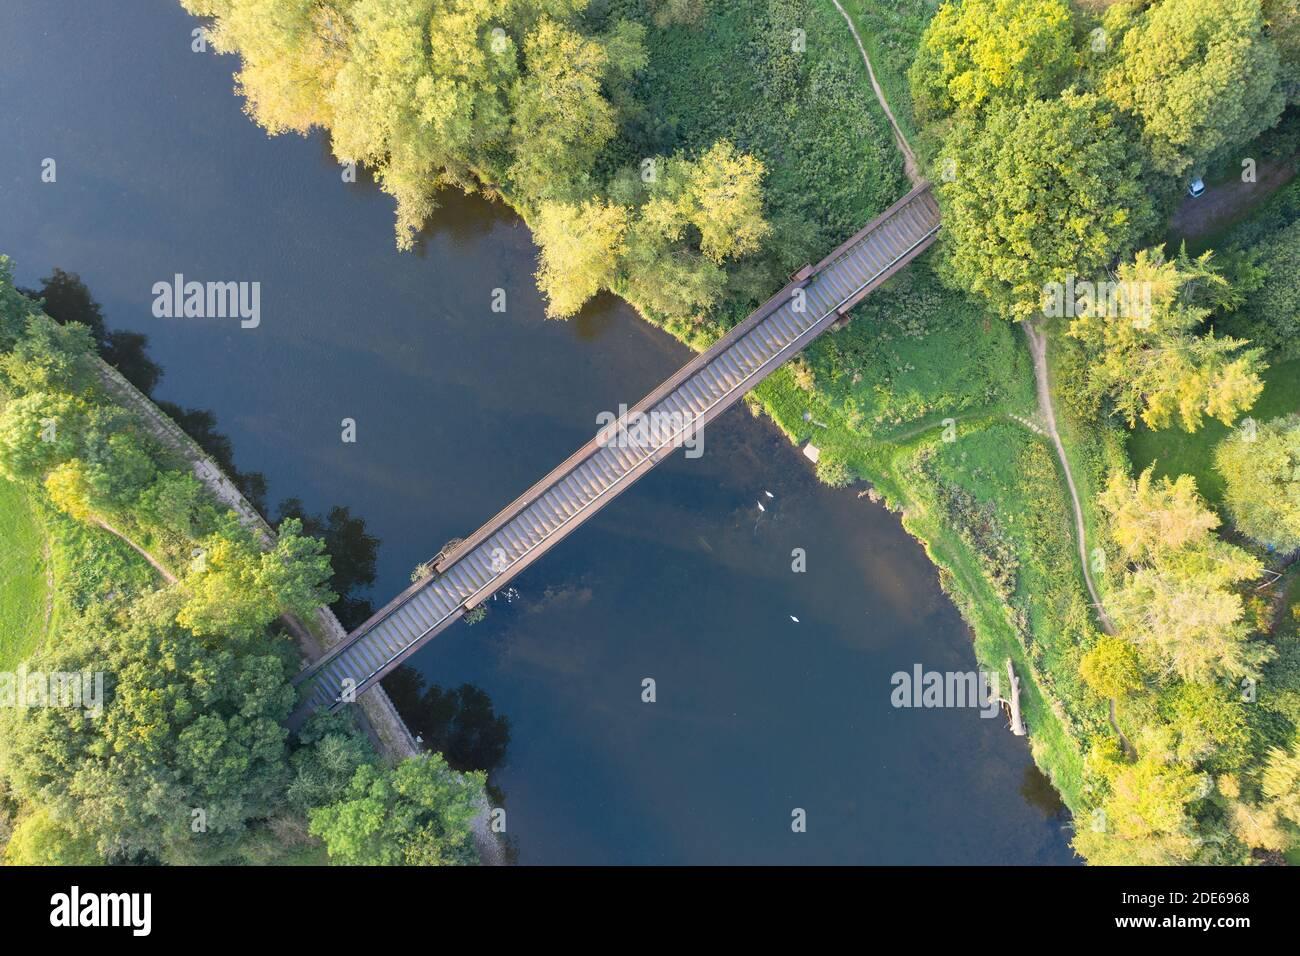 Monmouth Viaduc un vieux pont de viaduc ferroviaire abandonné traversant la rivière Wye dans le Monbucshire pays de Galles. Banque D'Images